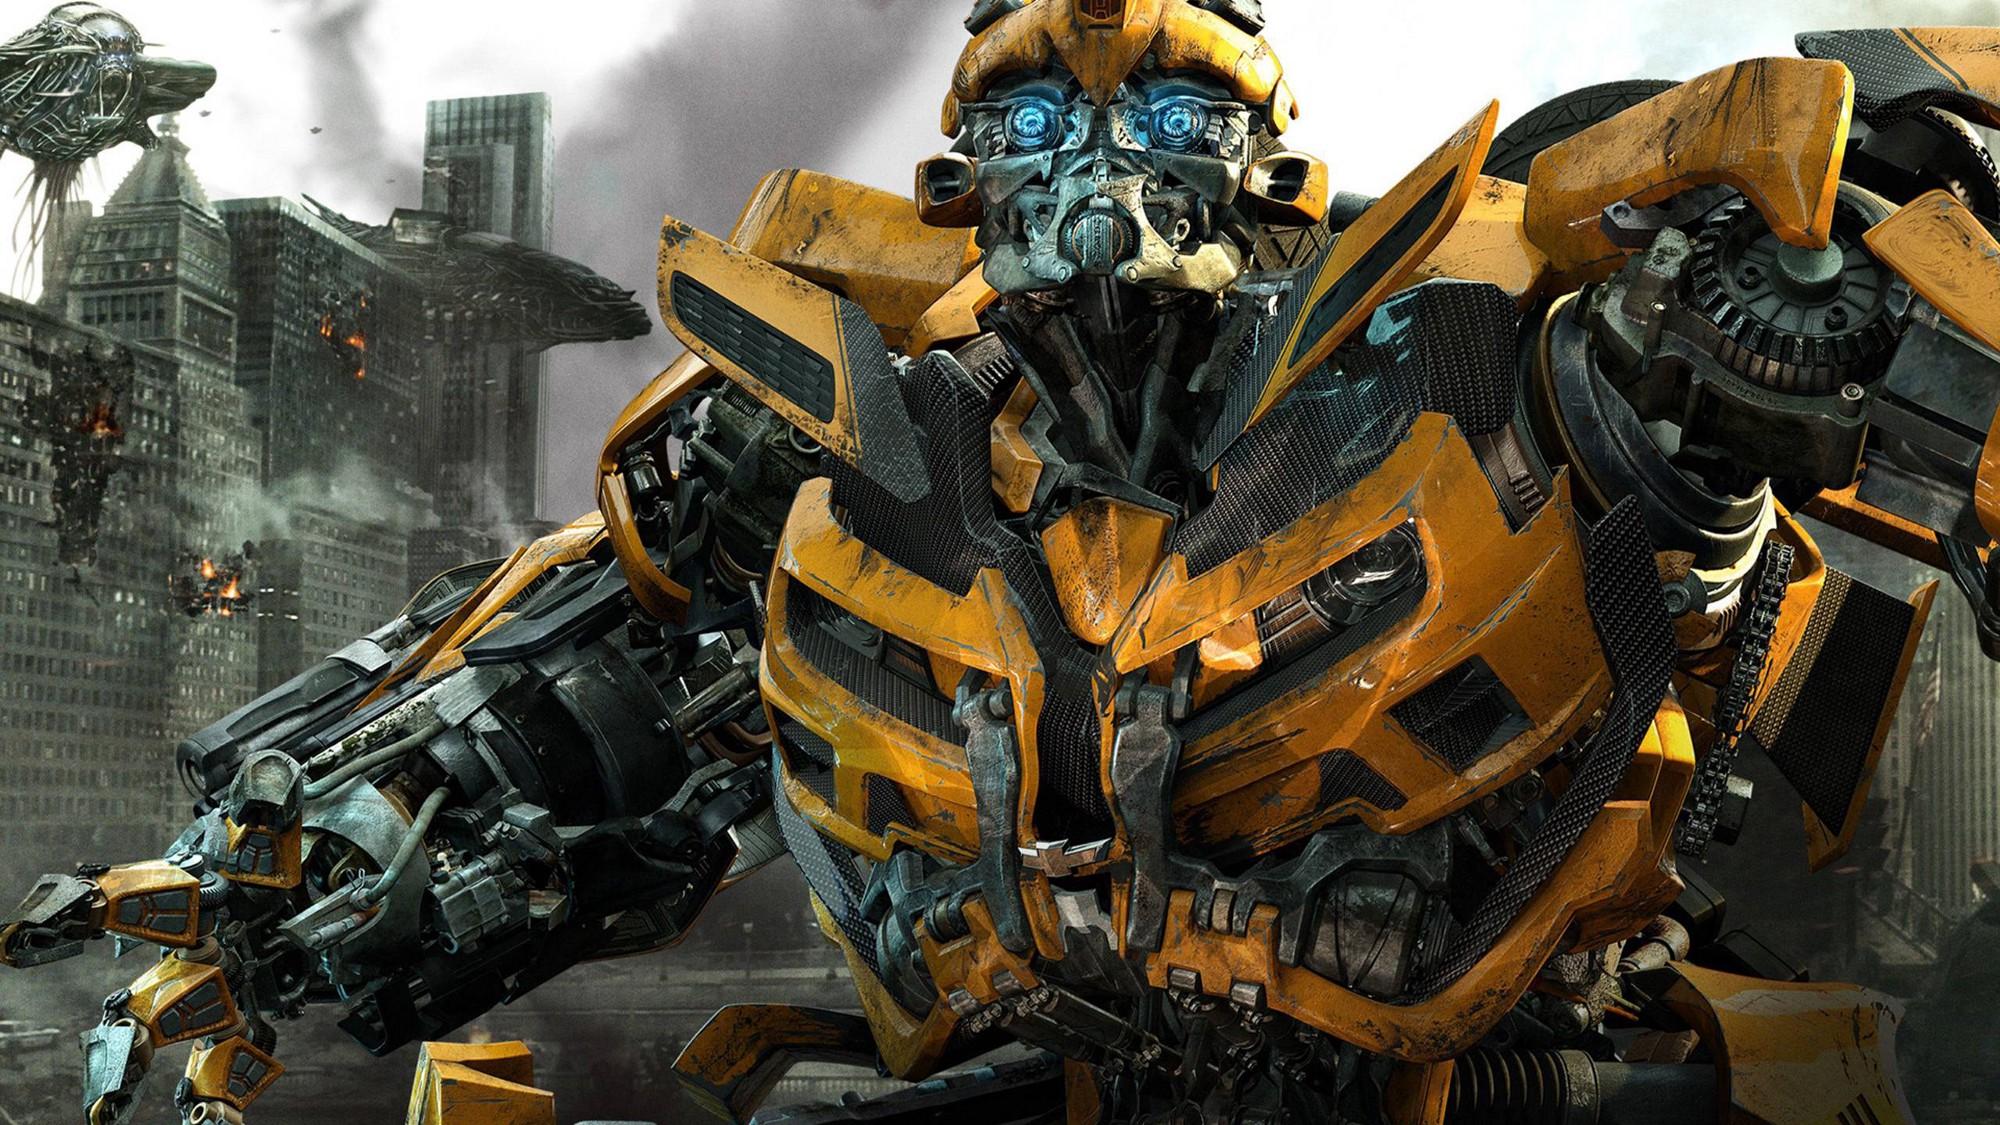 Understanding Transformers, the Programming Way